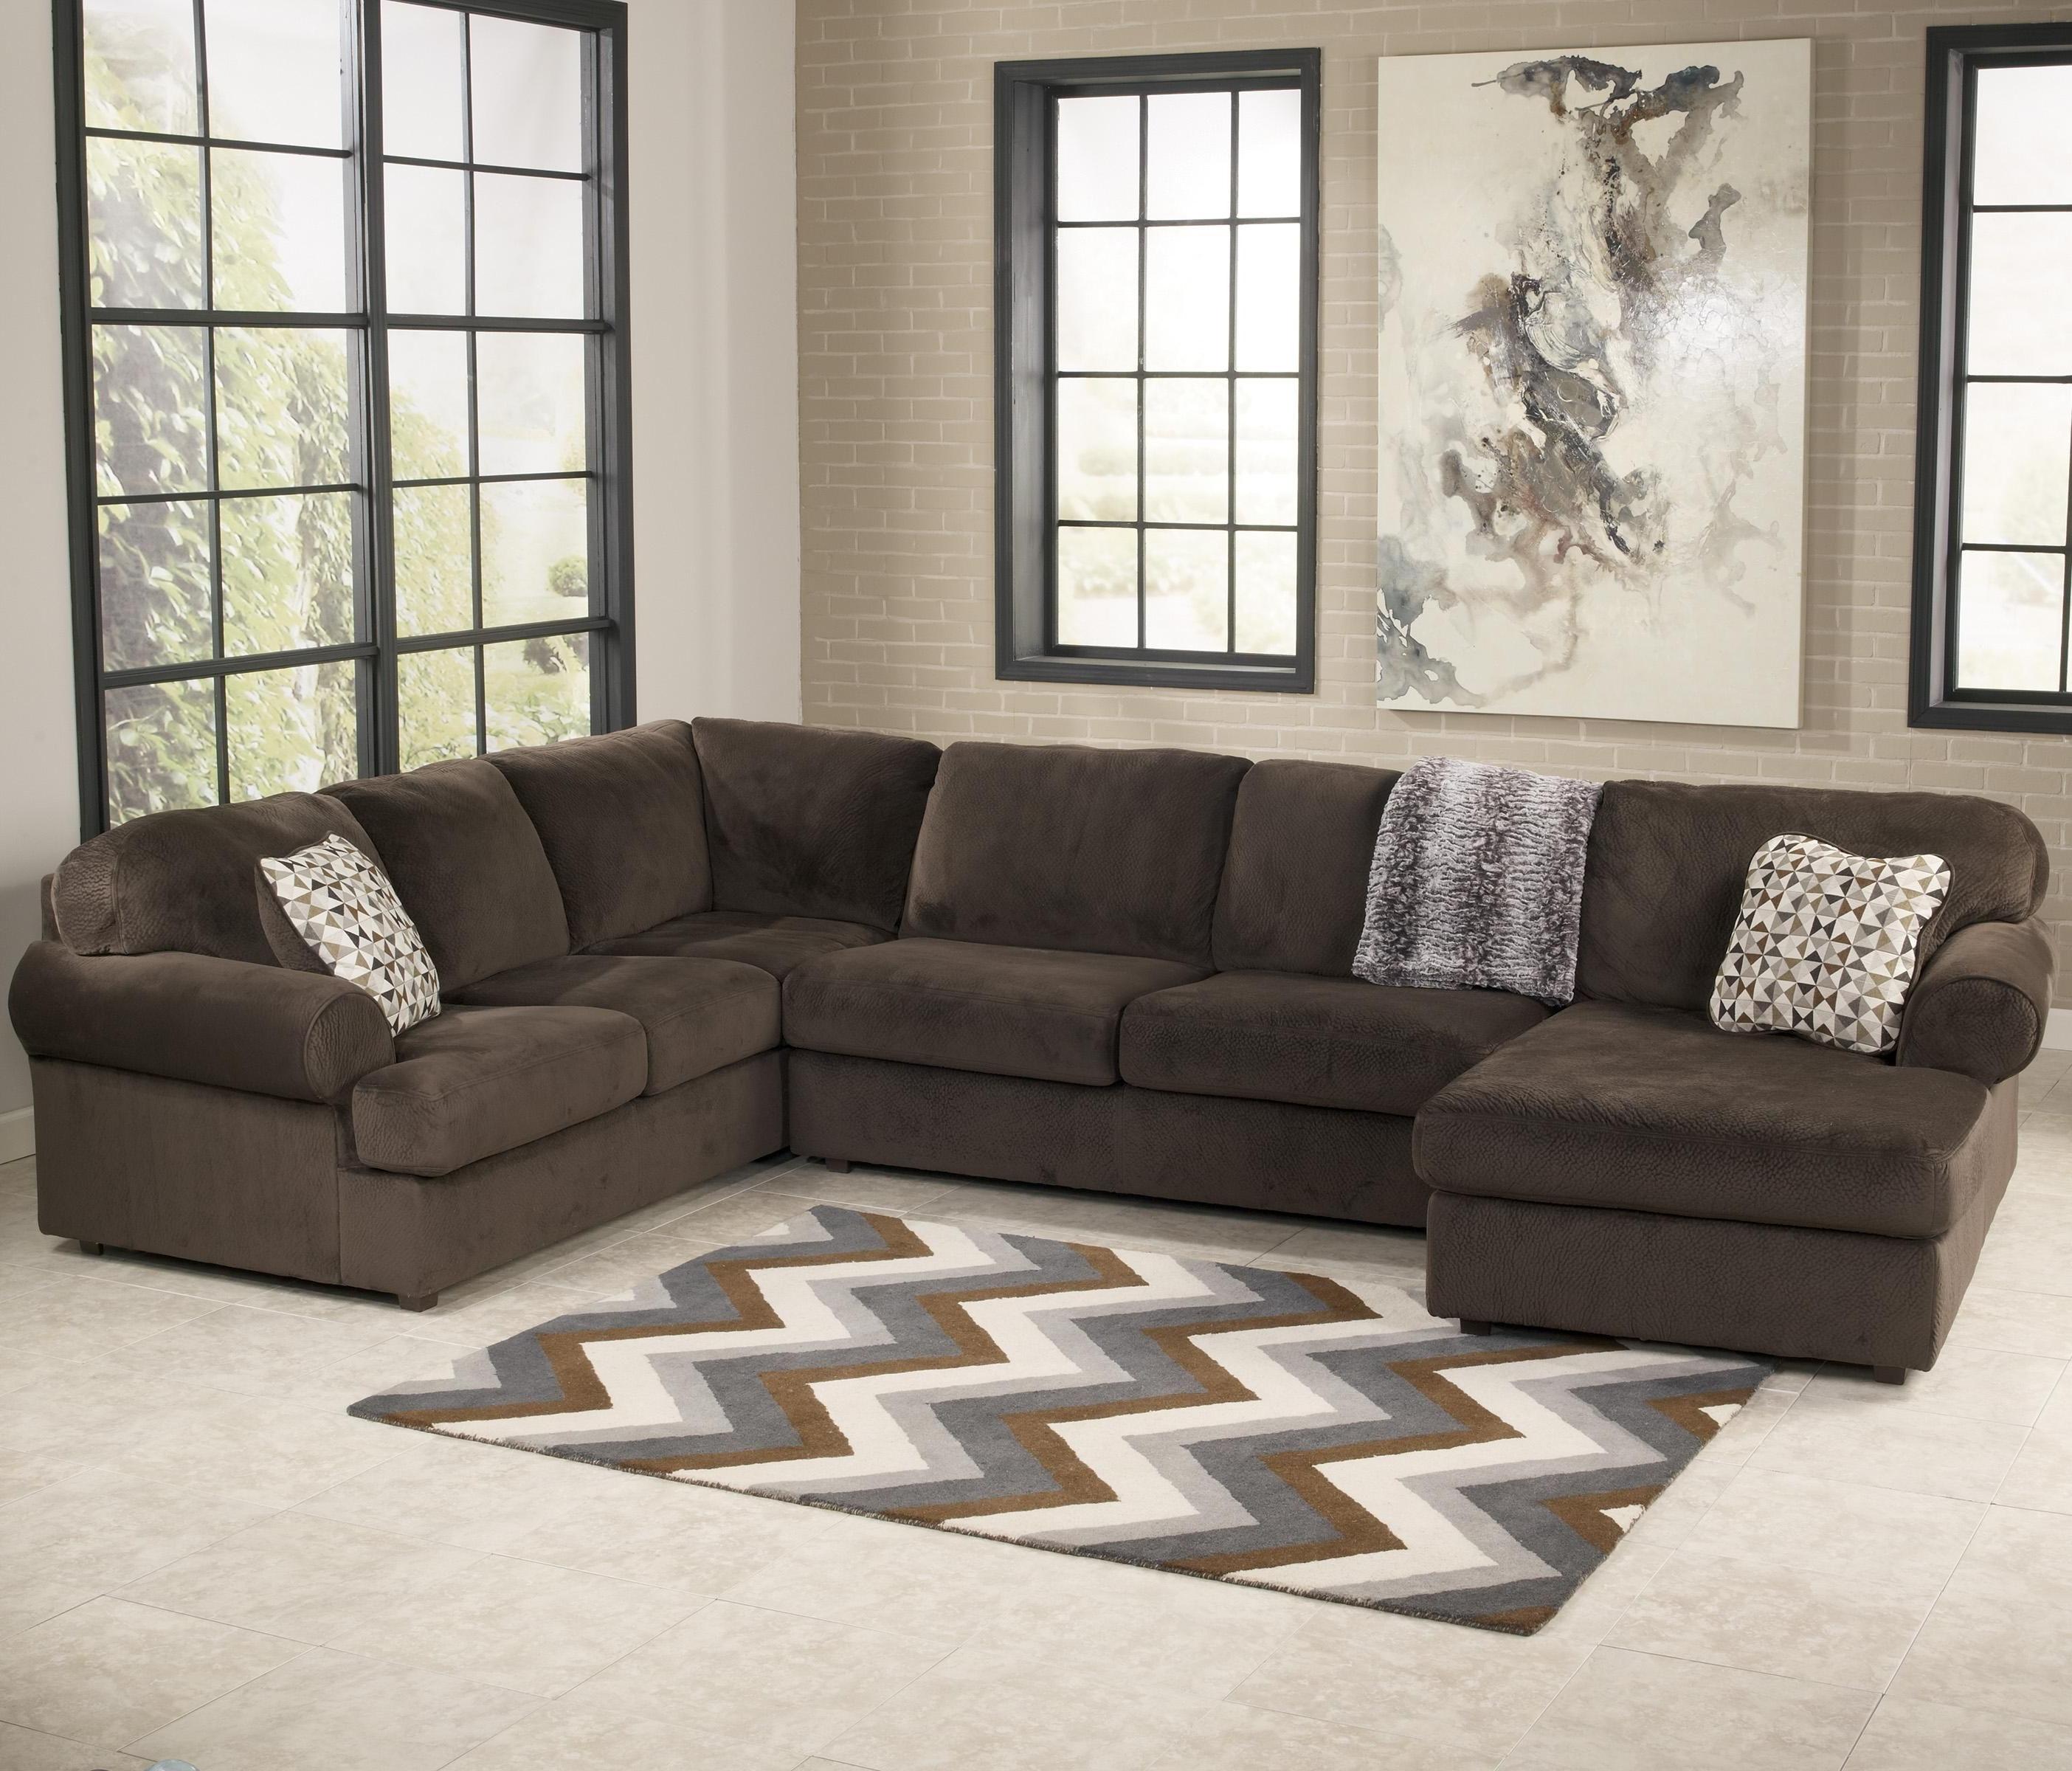 2019 Sectional Sofas Austin Sleeper Sofa Tx Texas Leather Stock Photos Throughout Sectional Sofas At Austin (View 7 of 20)